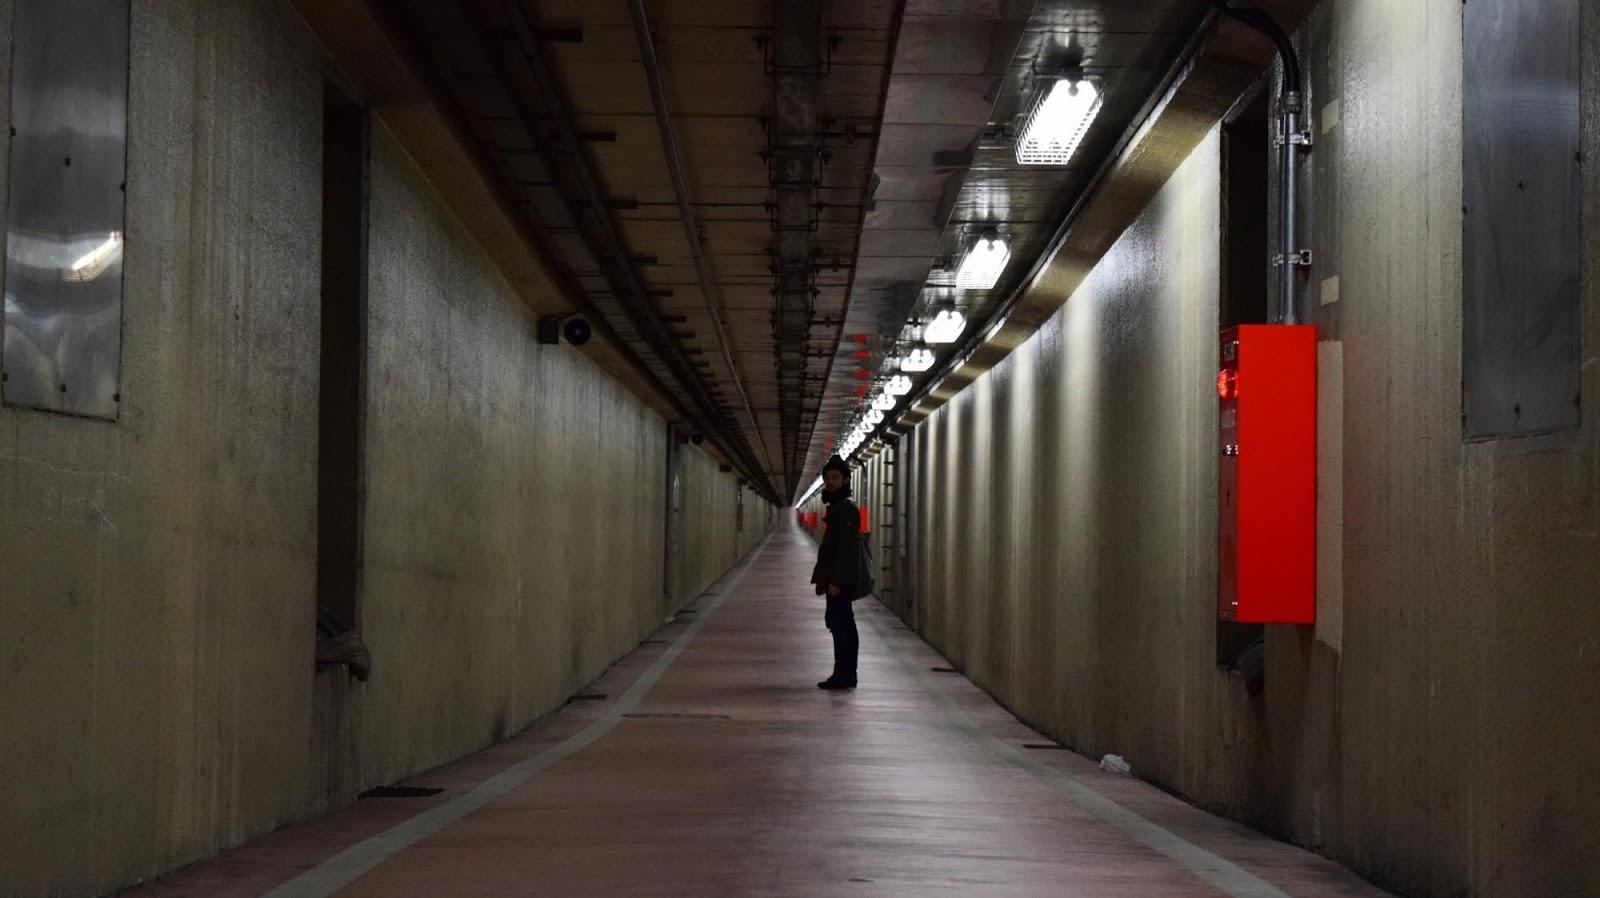 川崎の歩いて渡れる海底トンネル&外界からアクセス不能の秘境駅へ | 不思議なB級スポット